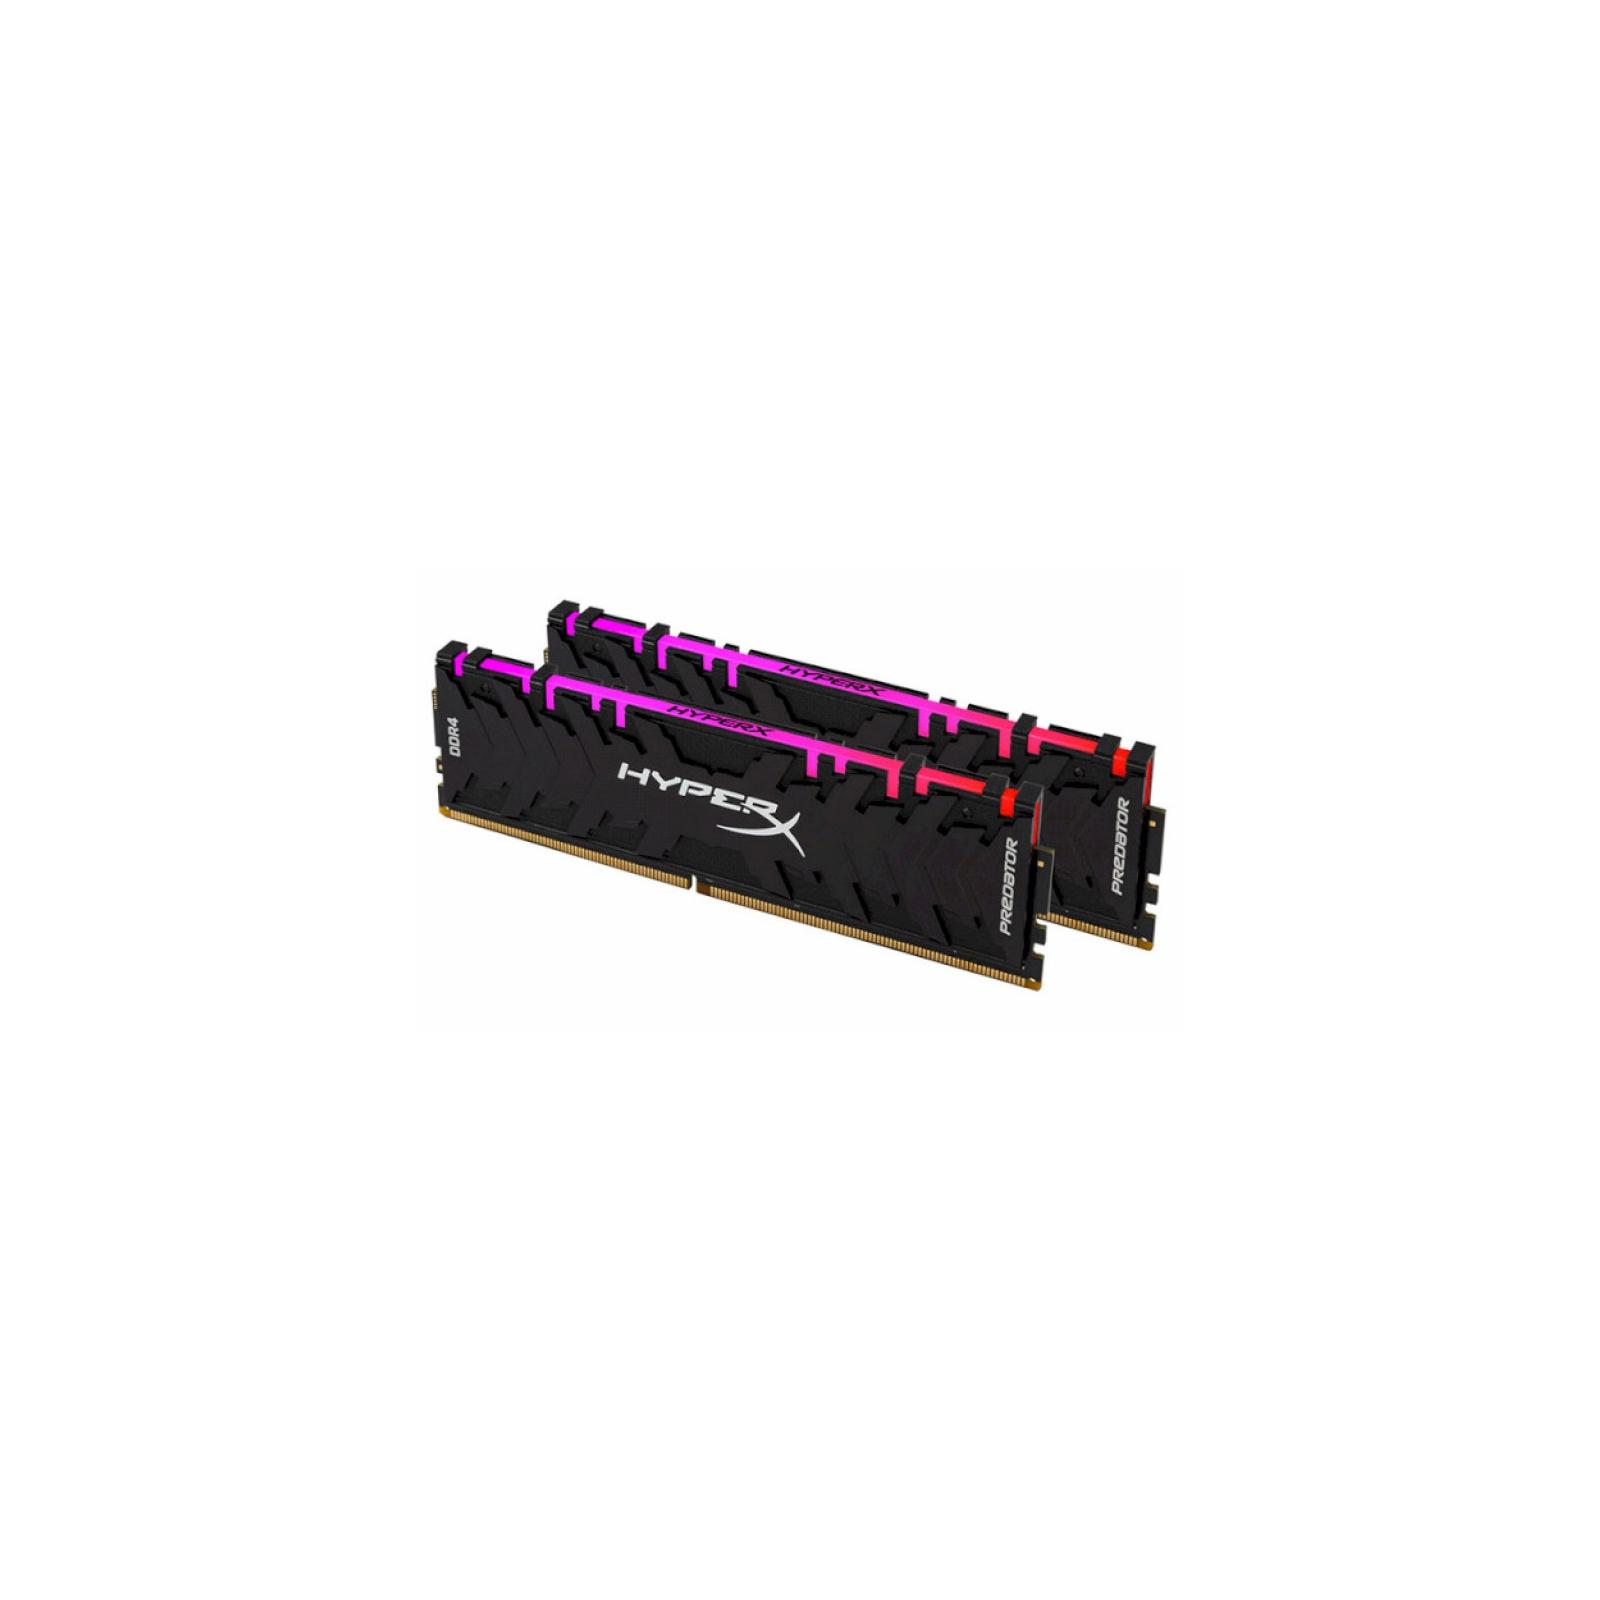 Модуль памяти для компьютера DDR4 16GB (2x8GB) 3600 MHz HyperX Predator RGB Kingston (HX436C17PB4AK2/16) изображение 2